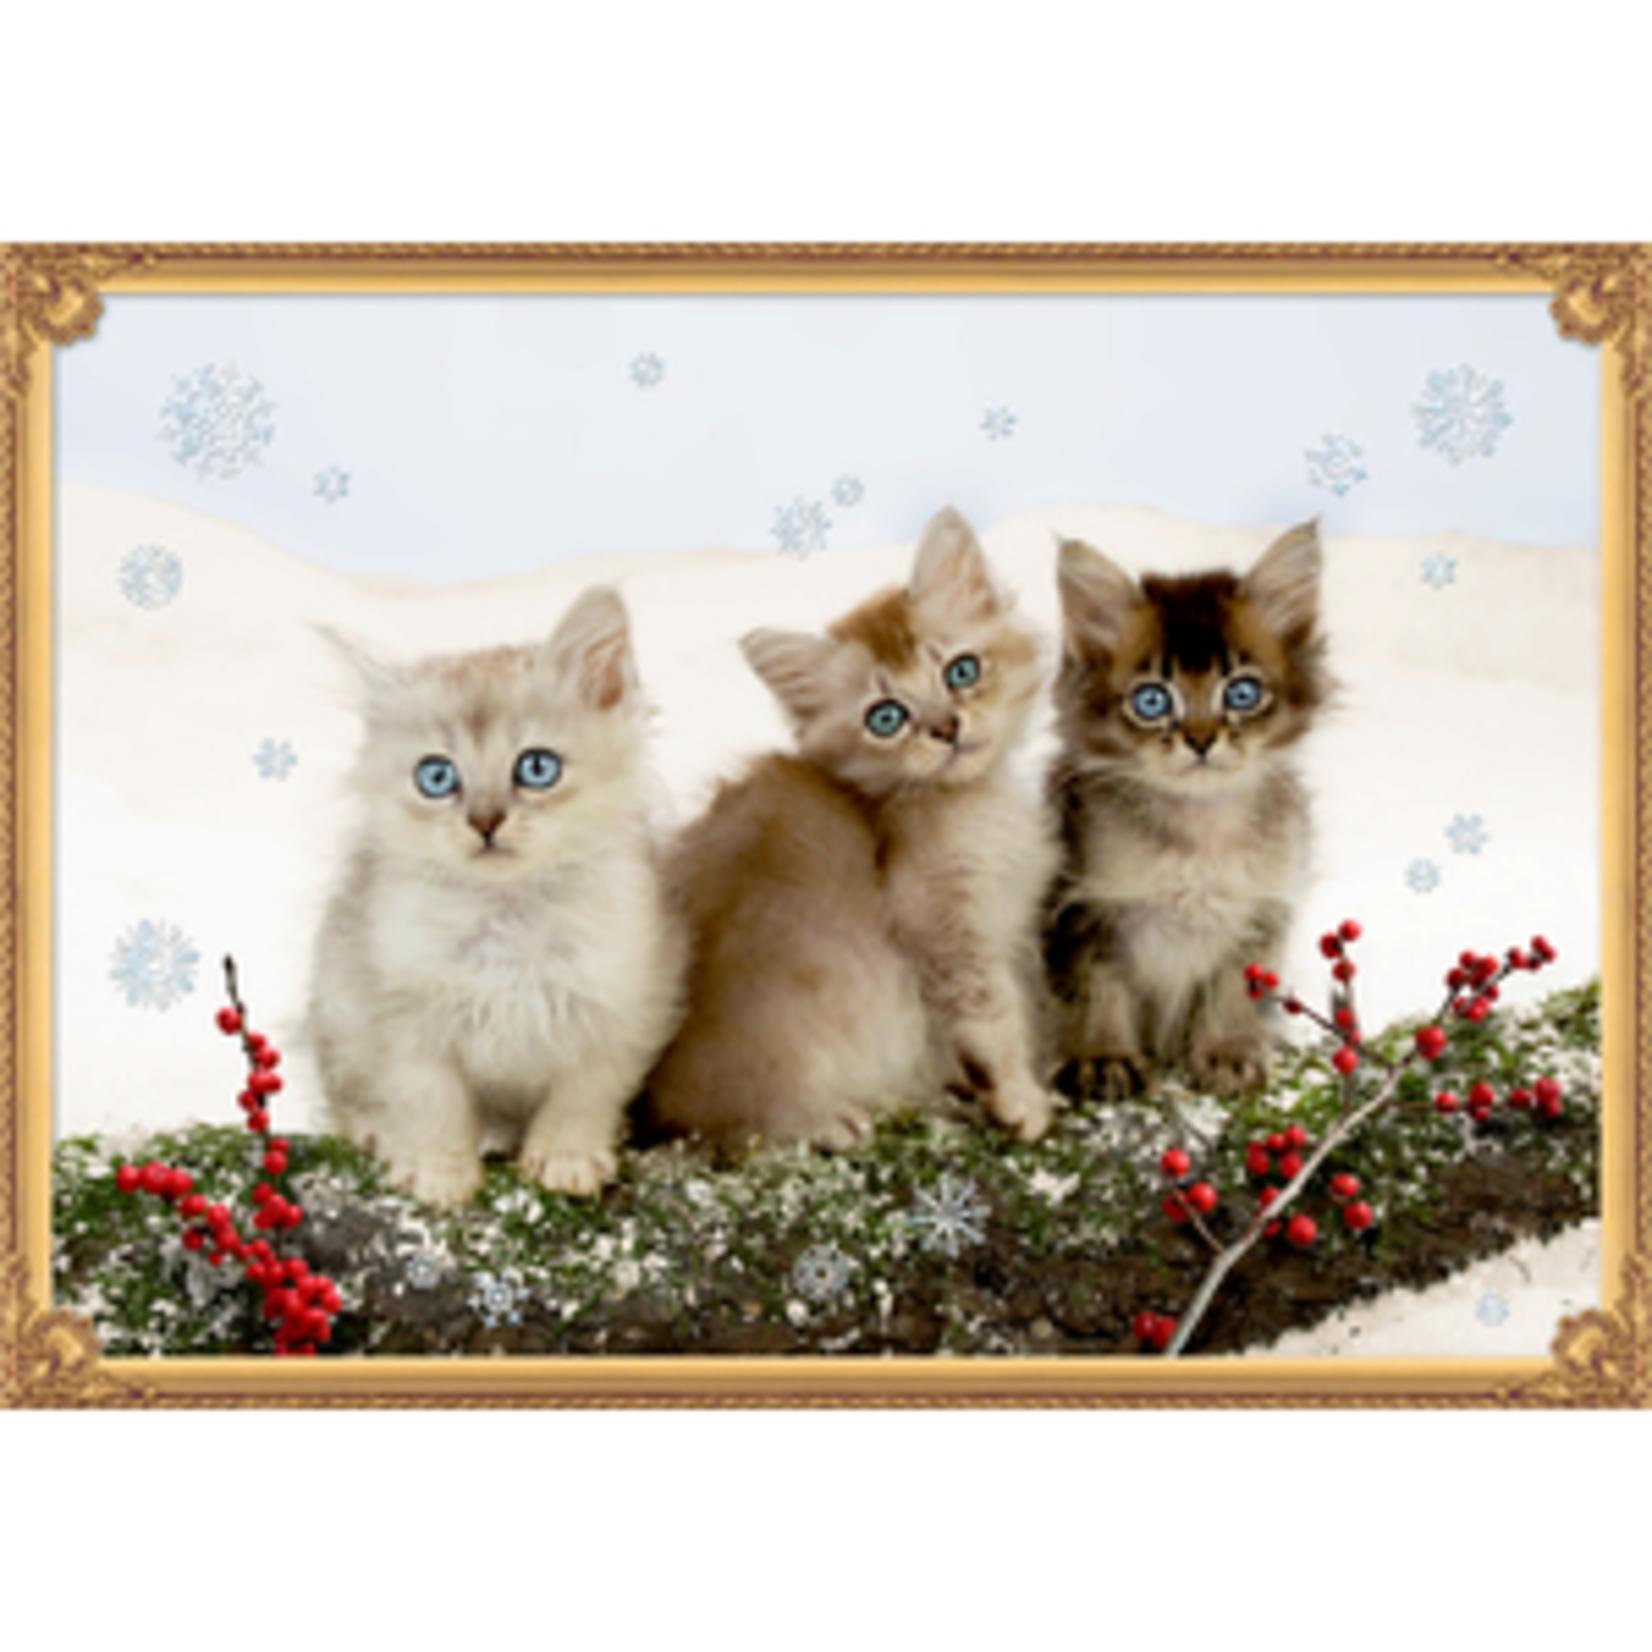 Coppenrath Adventskalender: Katzentrio im Schnee